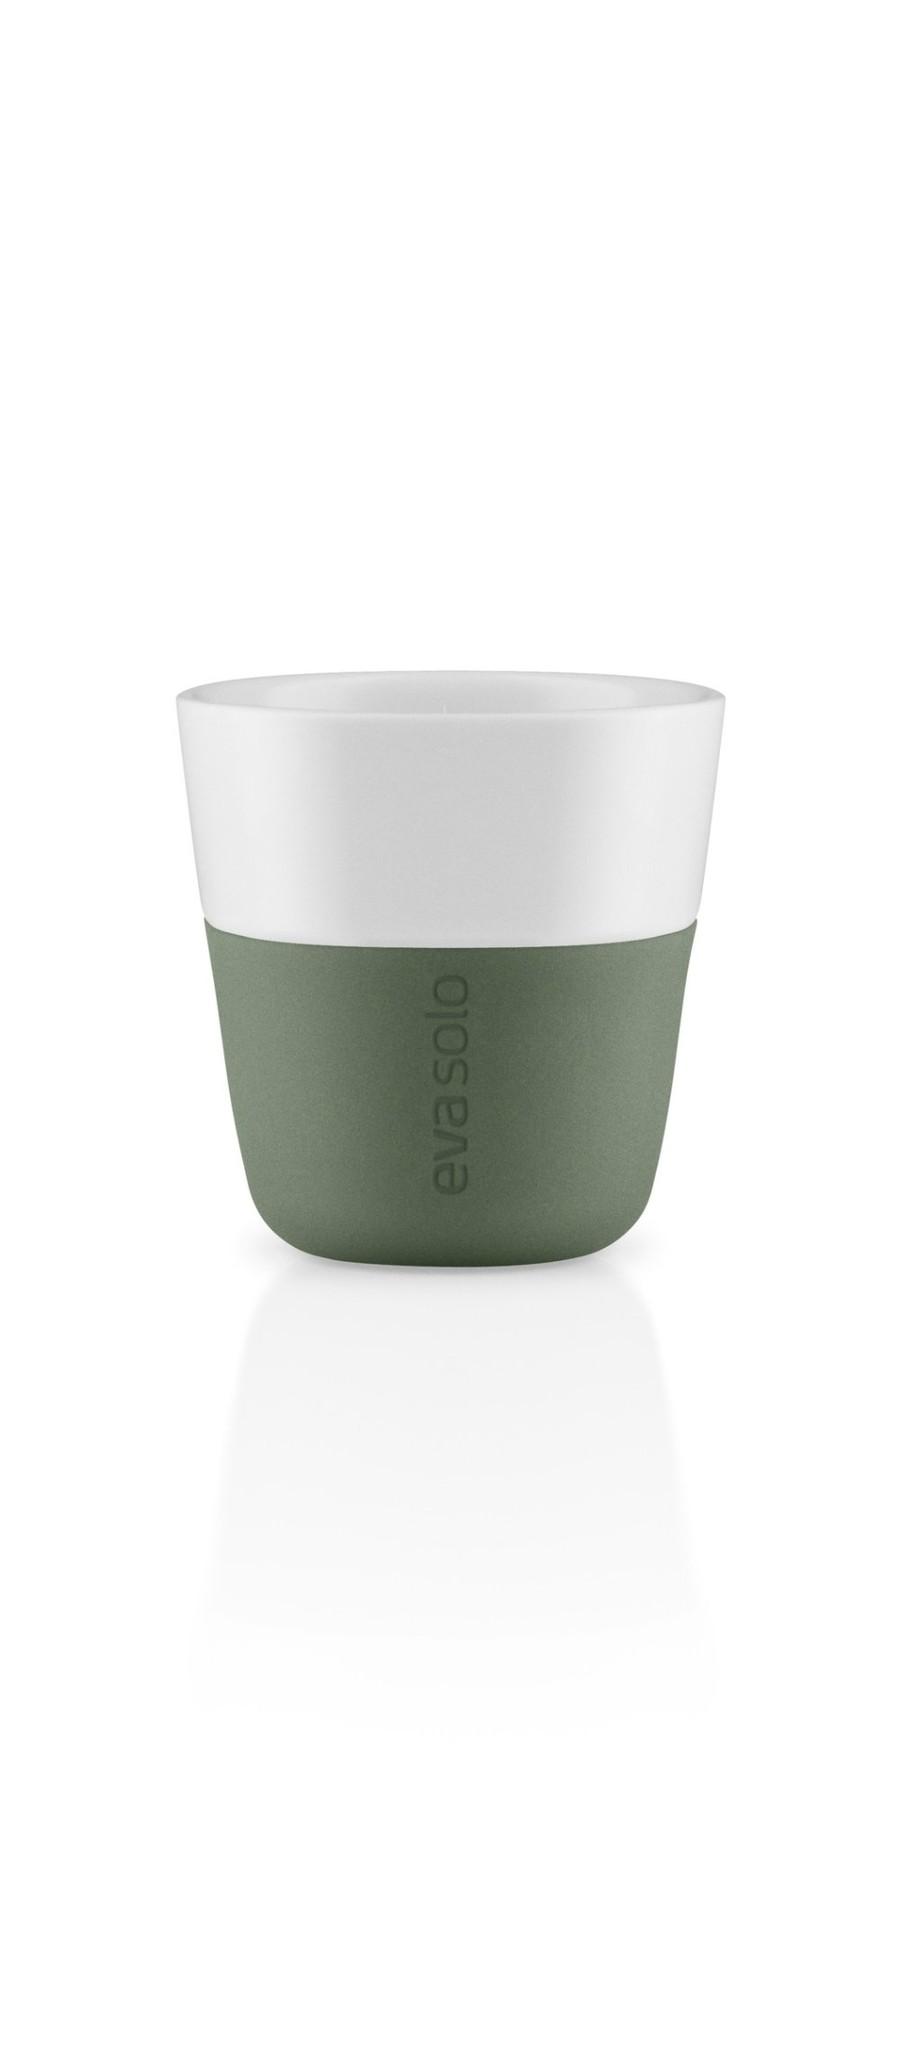 Eva Solo Espressobekers Cactus Green Set van 2